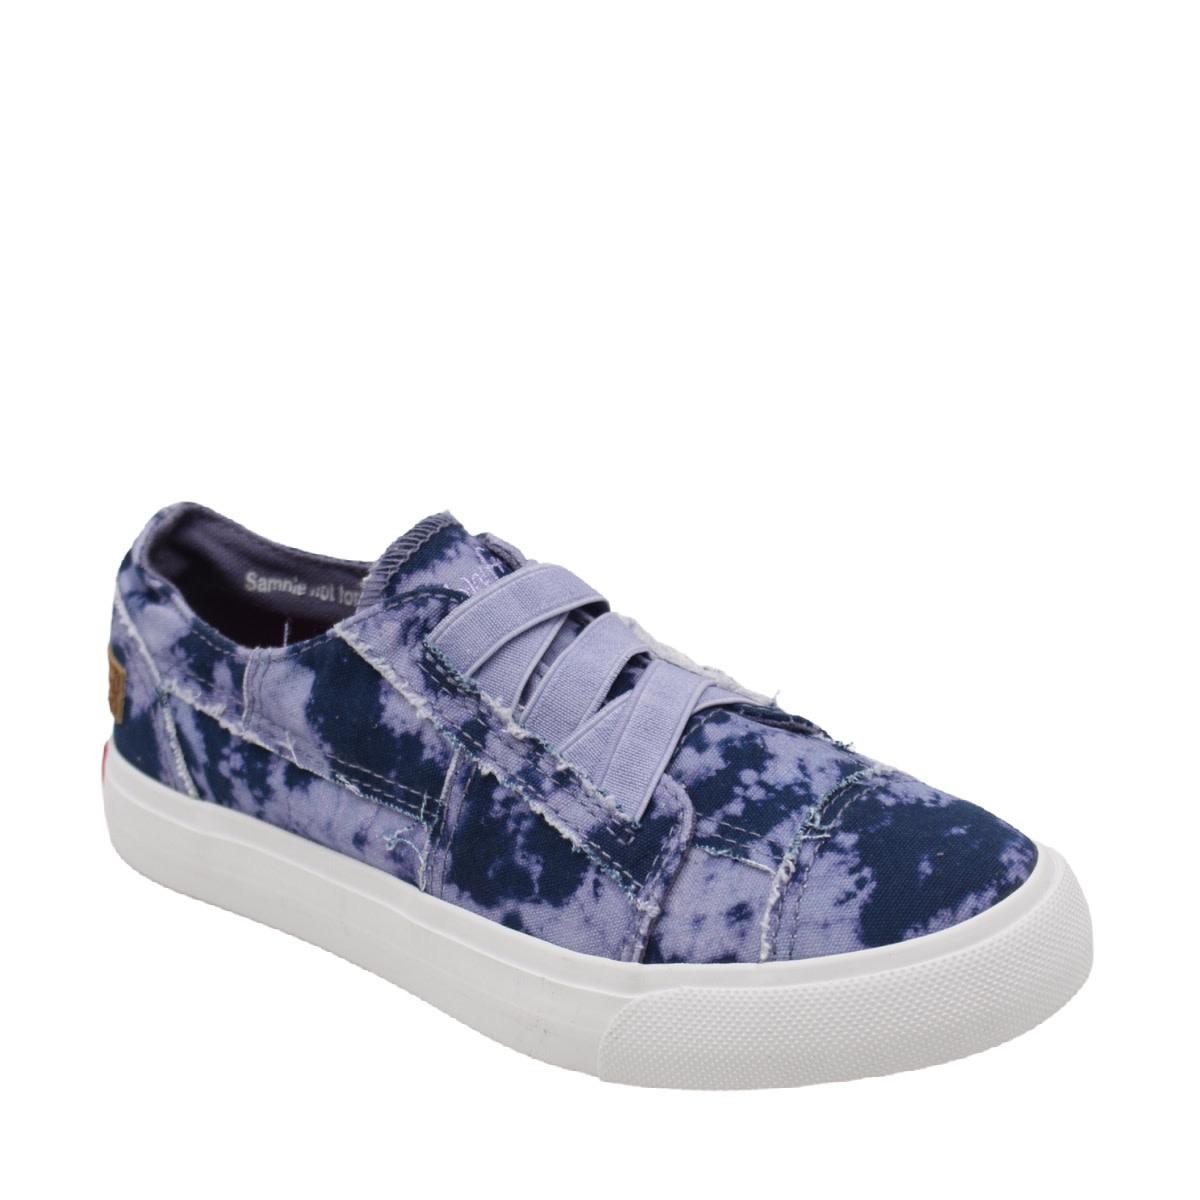 Blowfish Malibu Blowfish Youth Sneaker Purple Sky Tie Dye